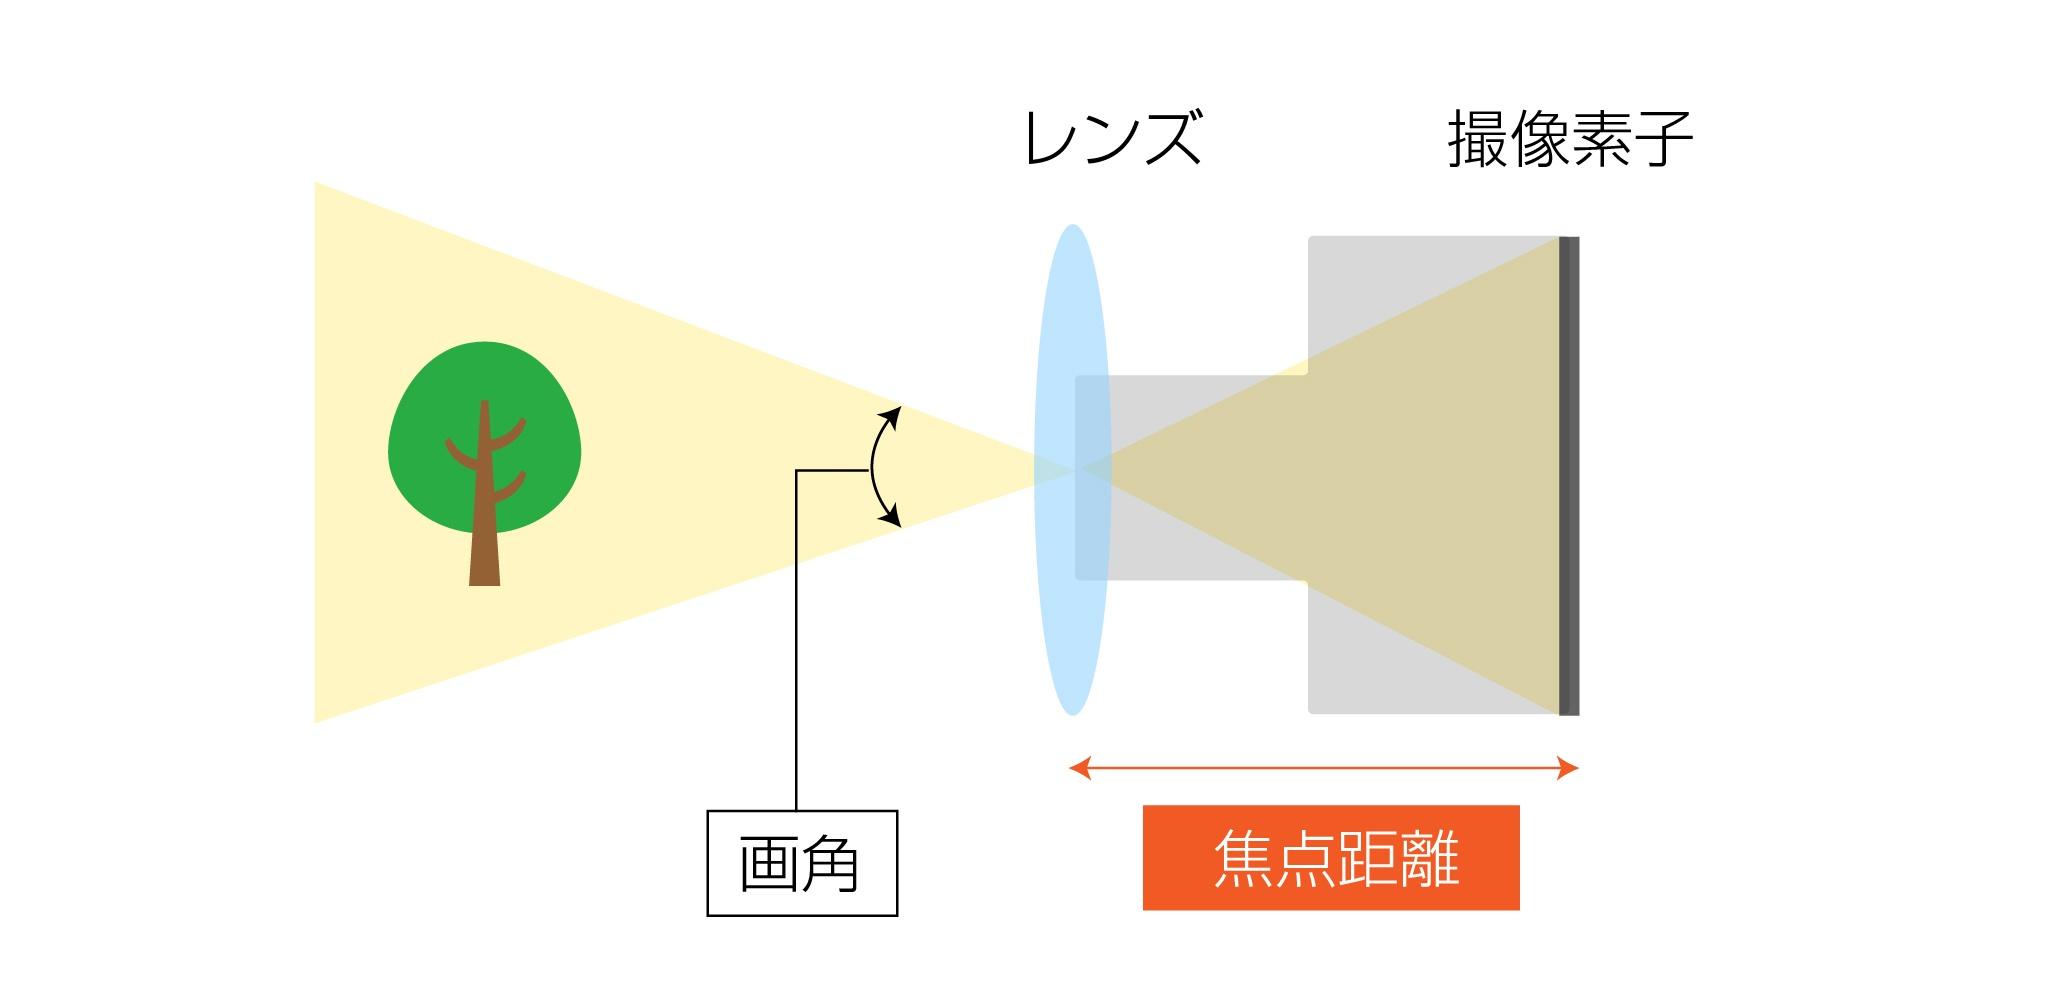 焦点距離が長いときの説明イラスト